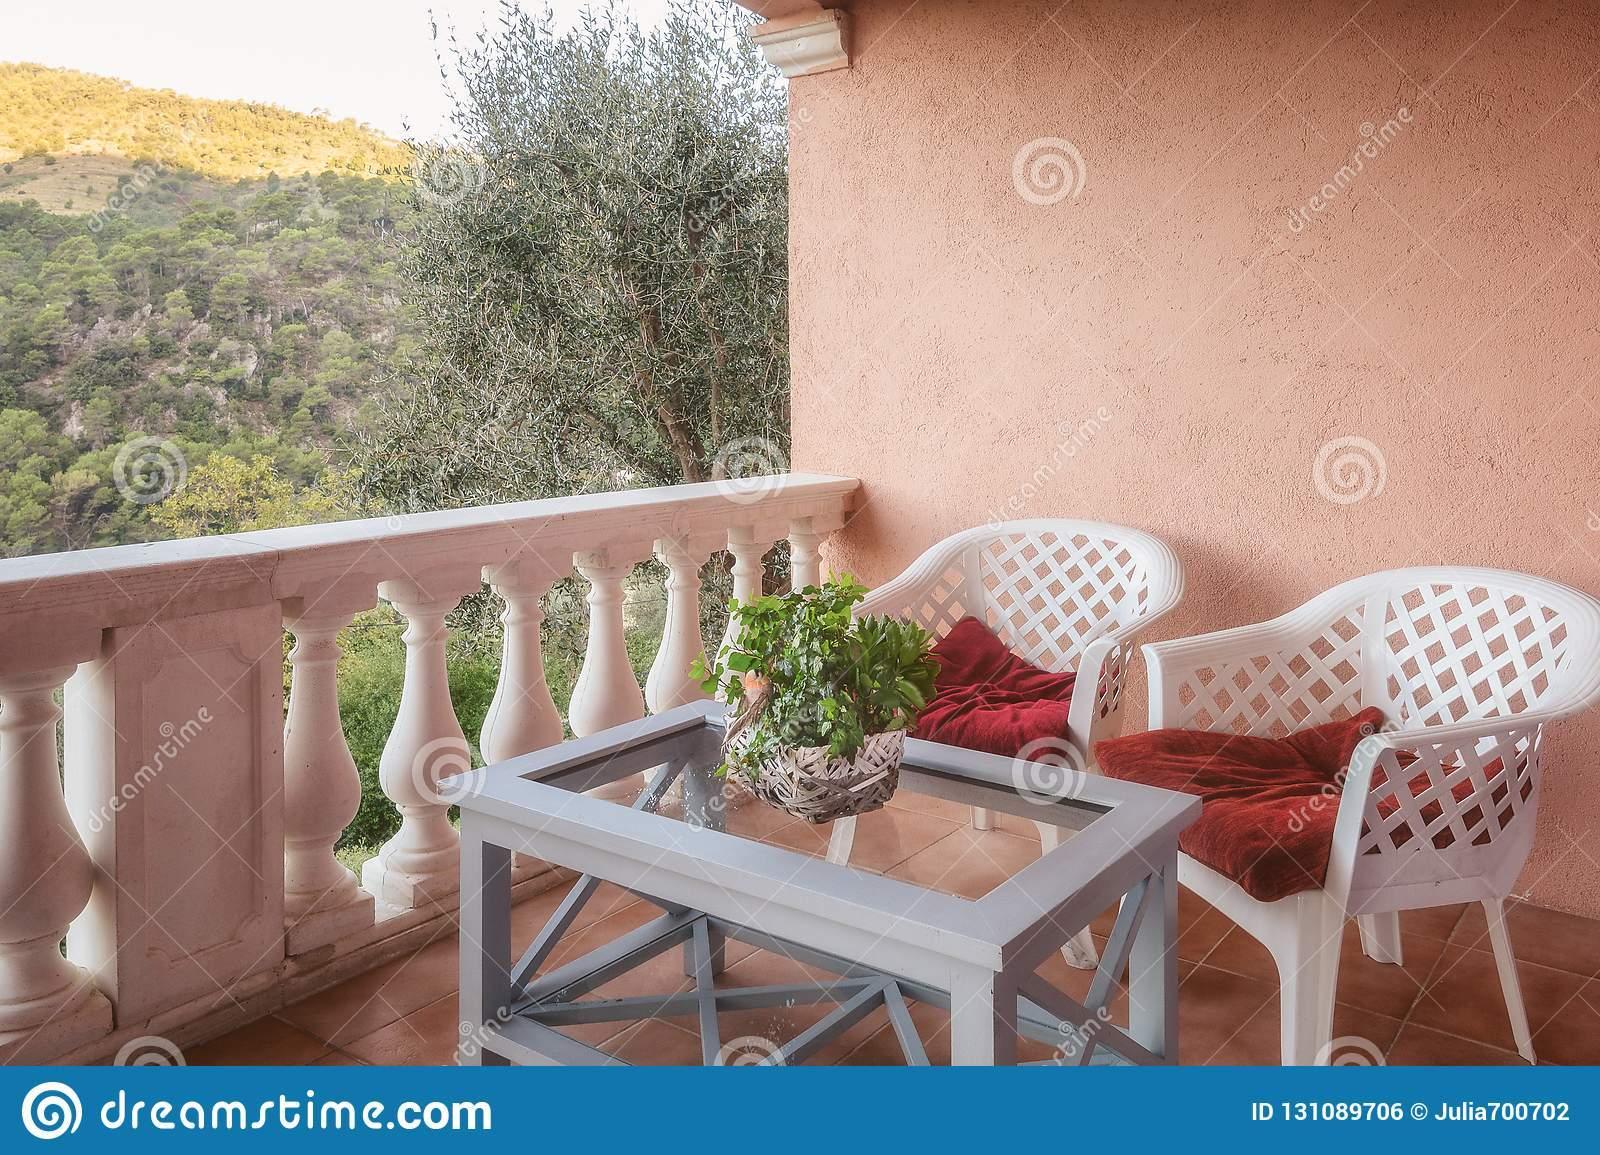 zwei stühle mit einer tabelle auf der terrasse welche berge übersieht